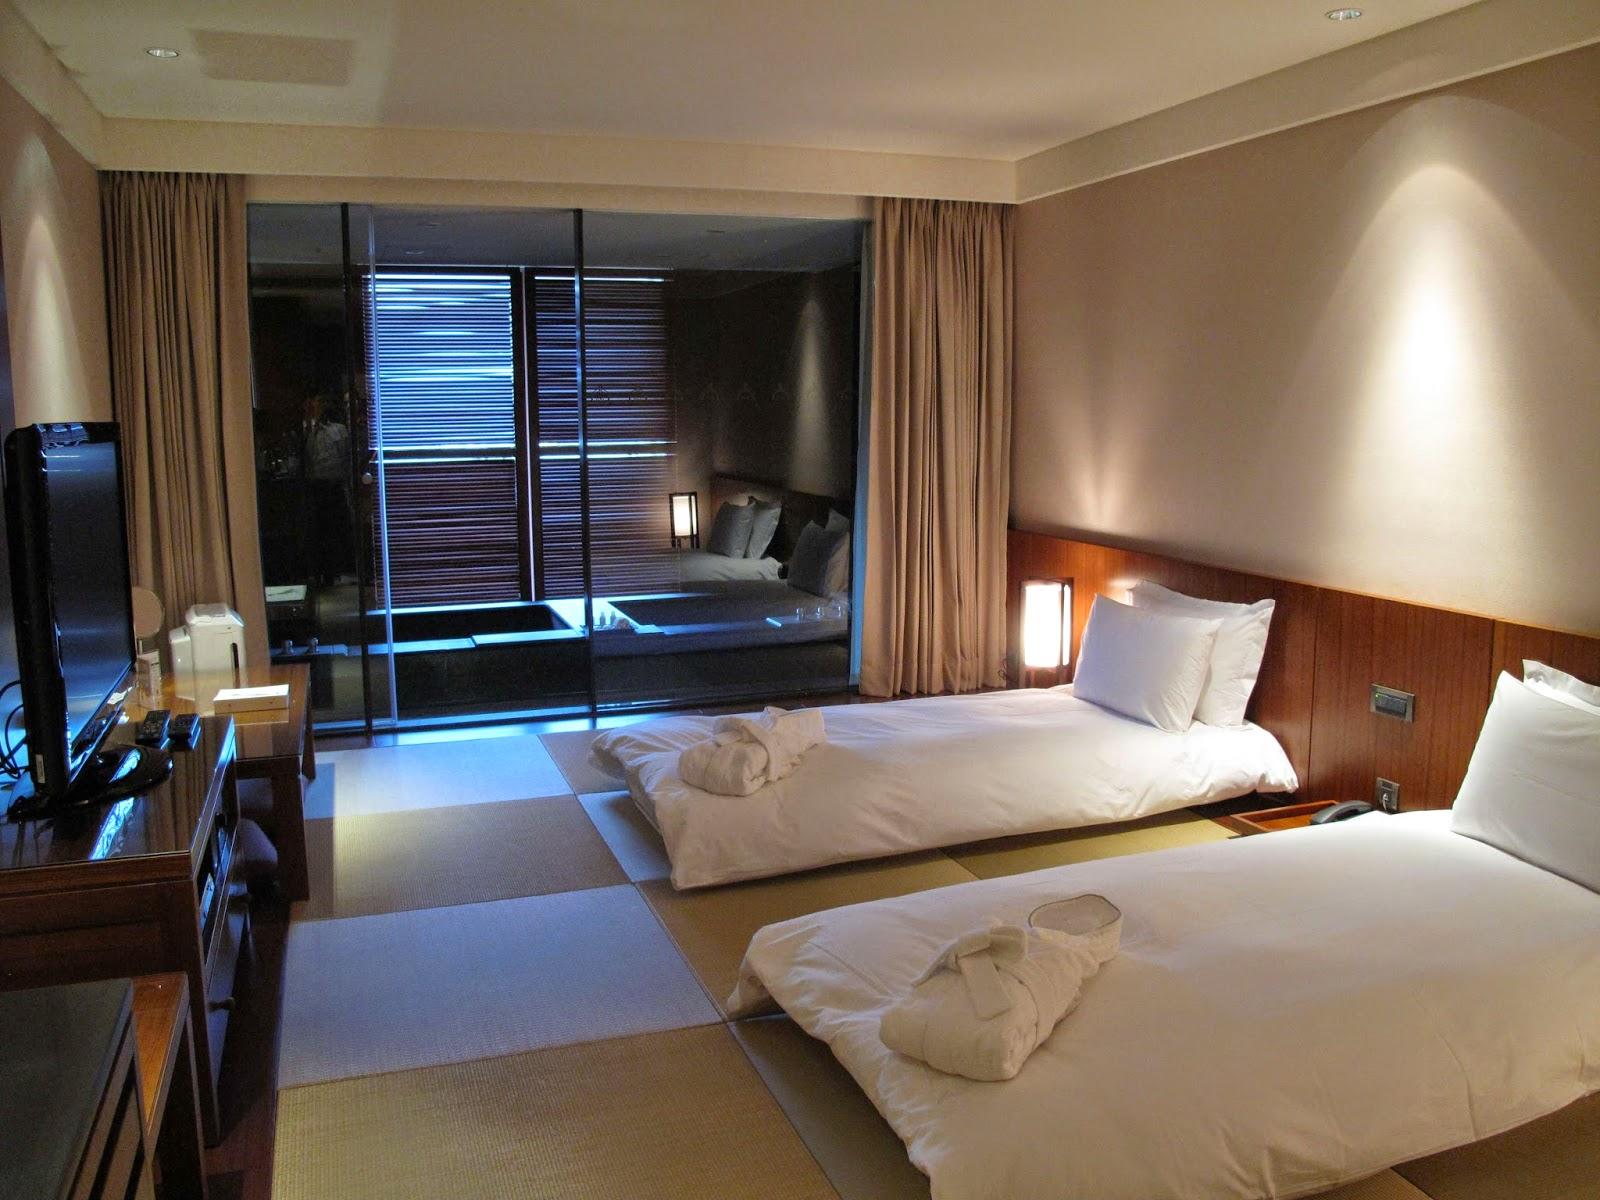 ITF臺北國際旅展官方部落格: 2014 ITF 蘇澳瓏山林冷熱泉度假飯店 優惠專案